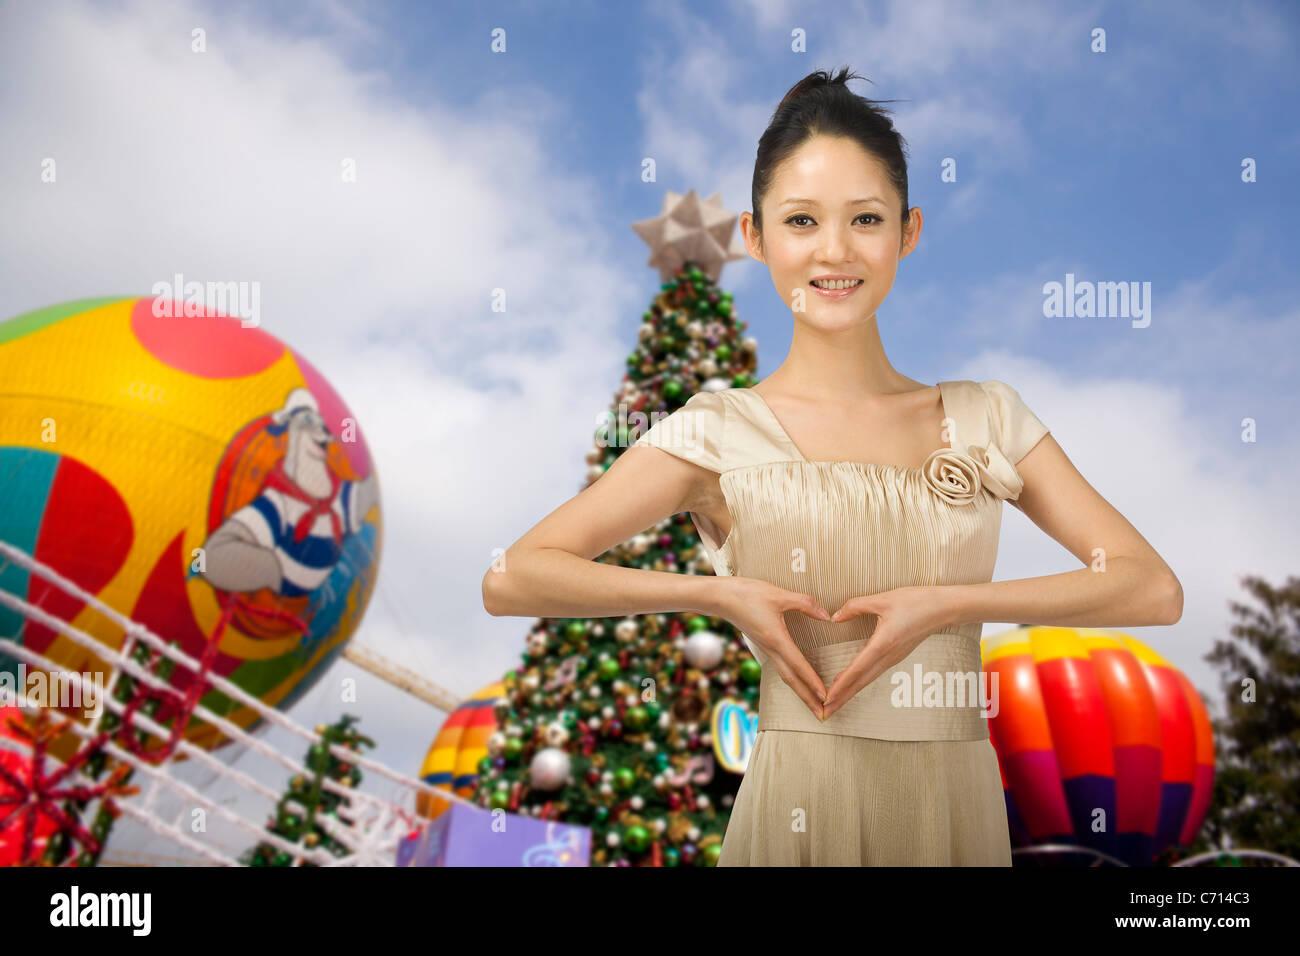 Computer-generierte Frau und Hintergrund Stockbild